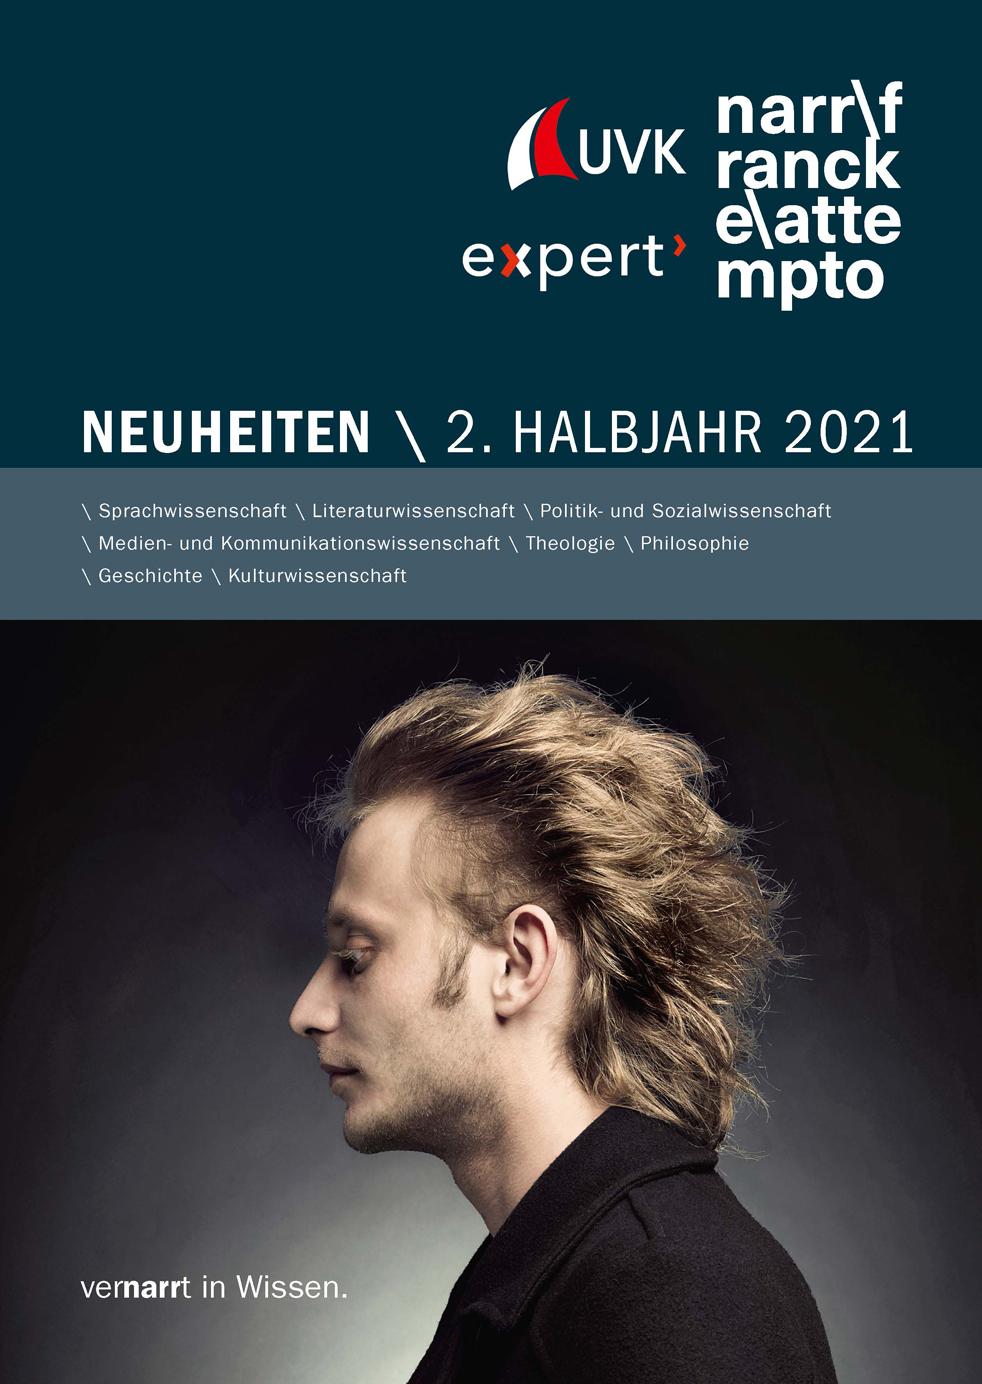 Vorschau Herbst 2021